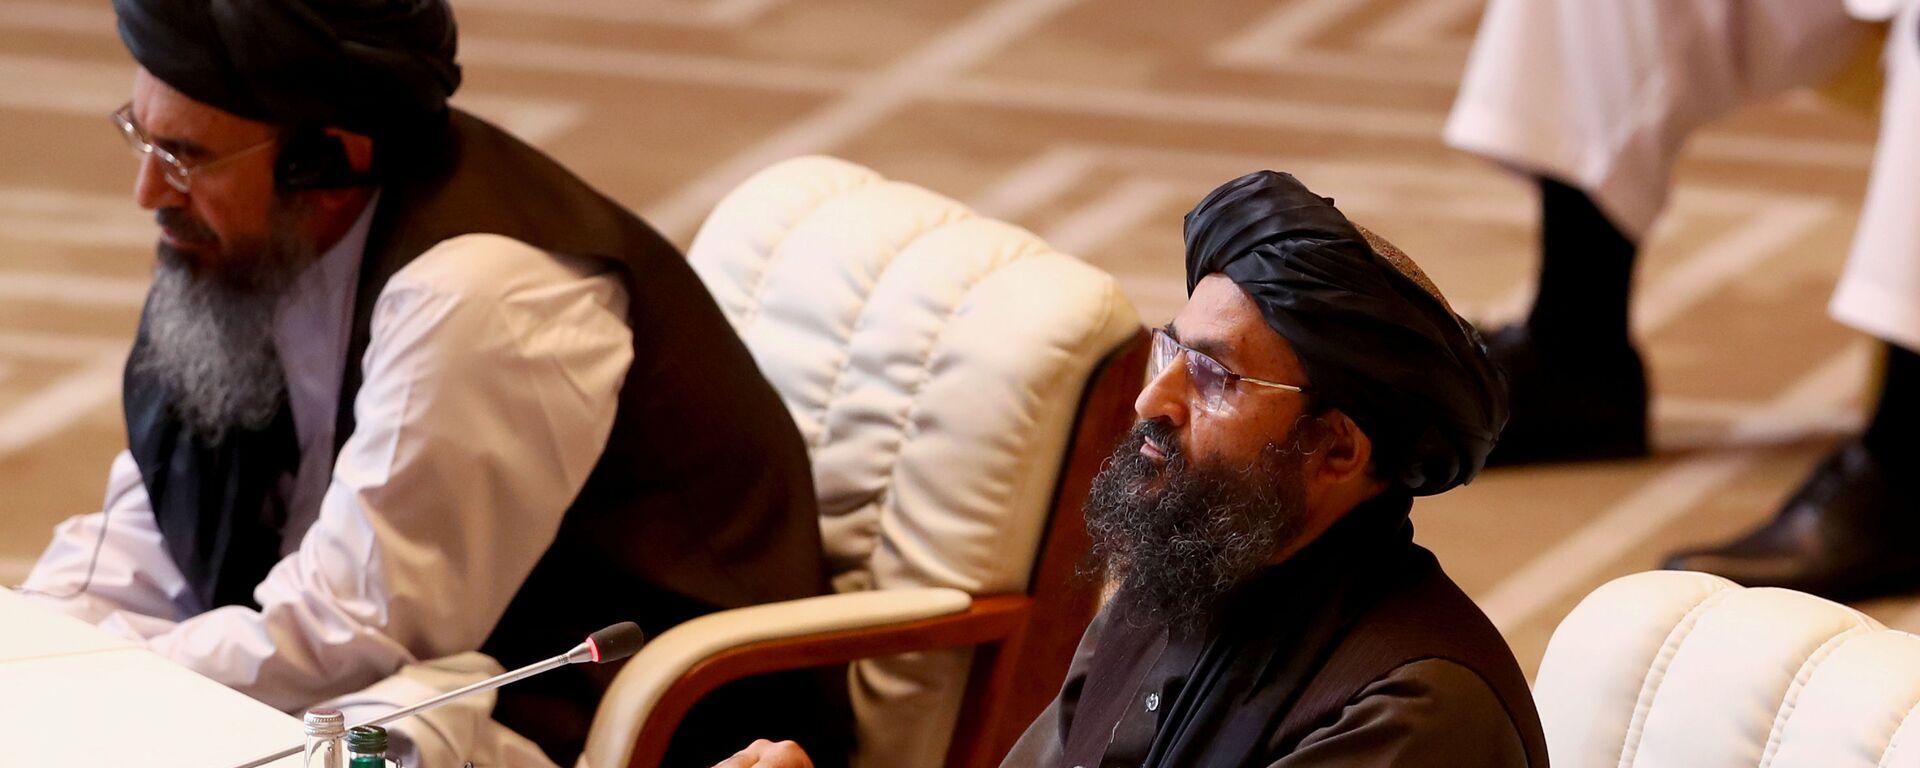 Лидер движения Талибан (запрещено в РФ)  во время переговоров с правительством Афганистана в Катаре - Sputnik Таджикистан, 1920, 11.05.2021